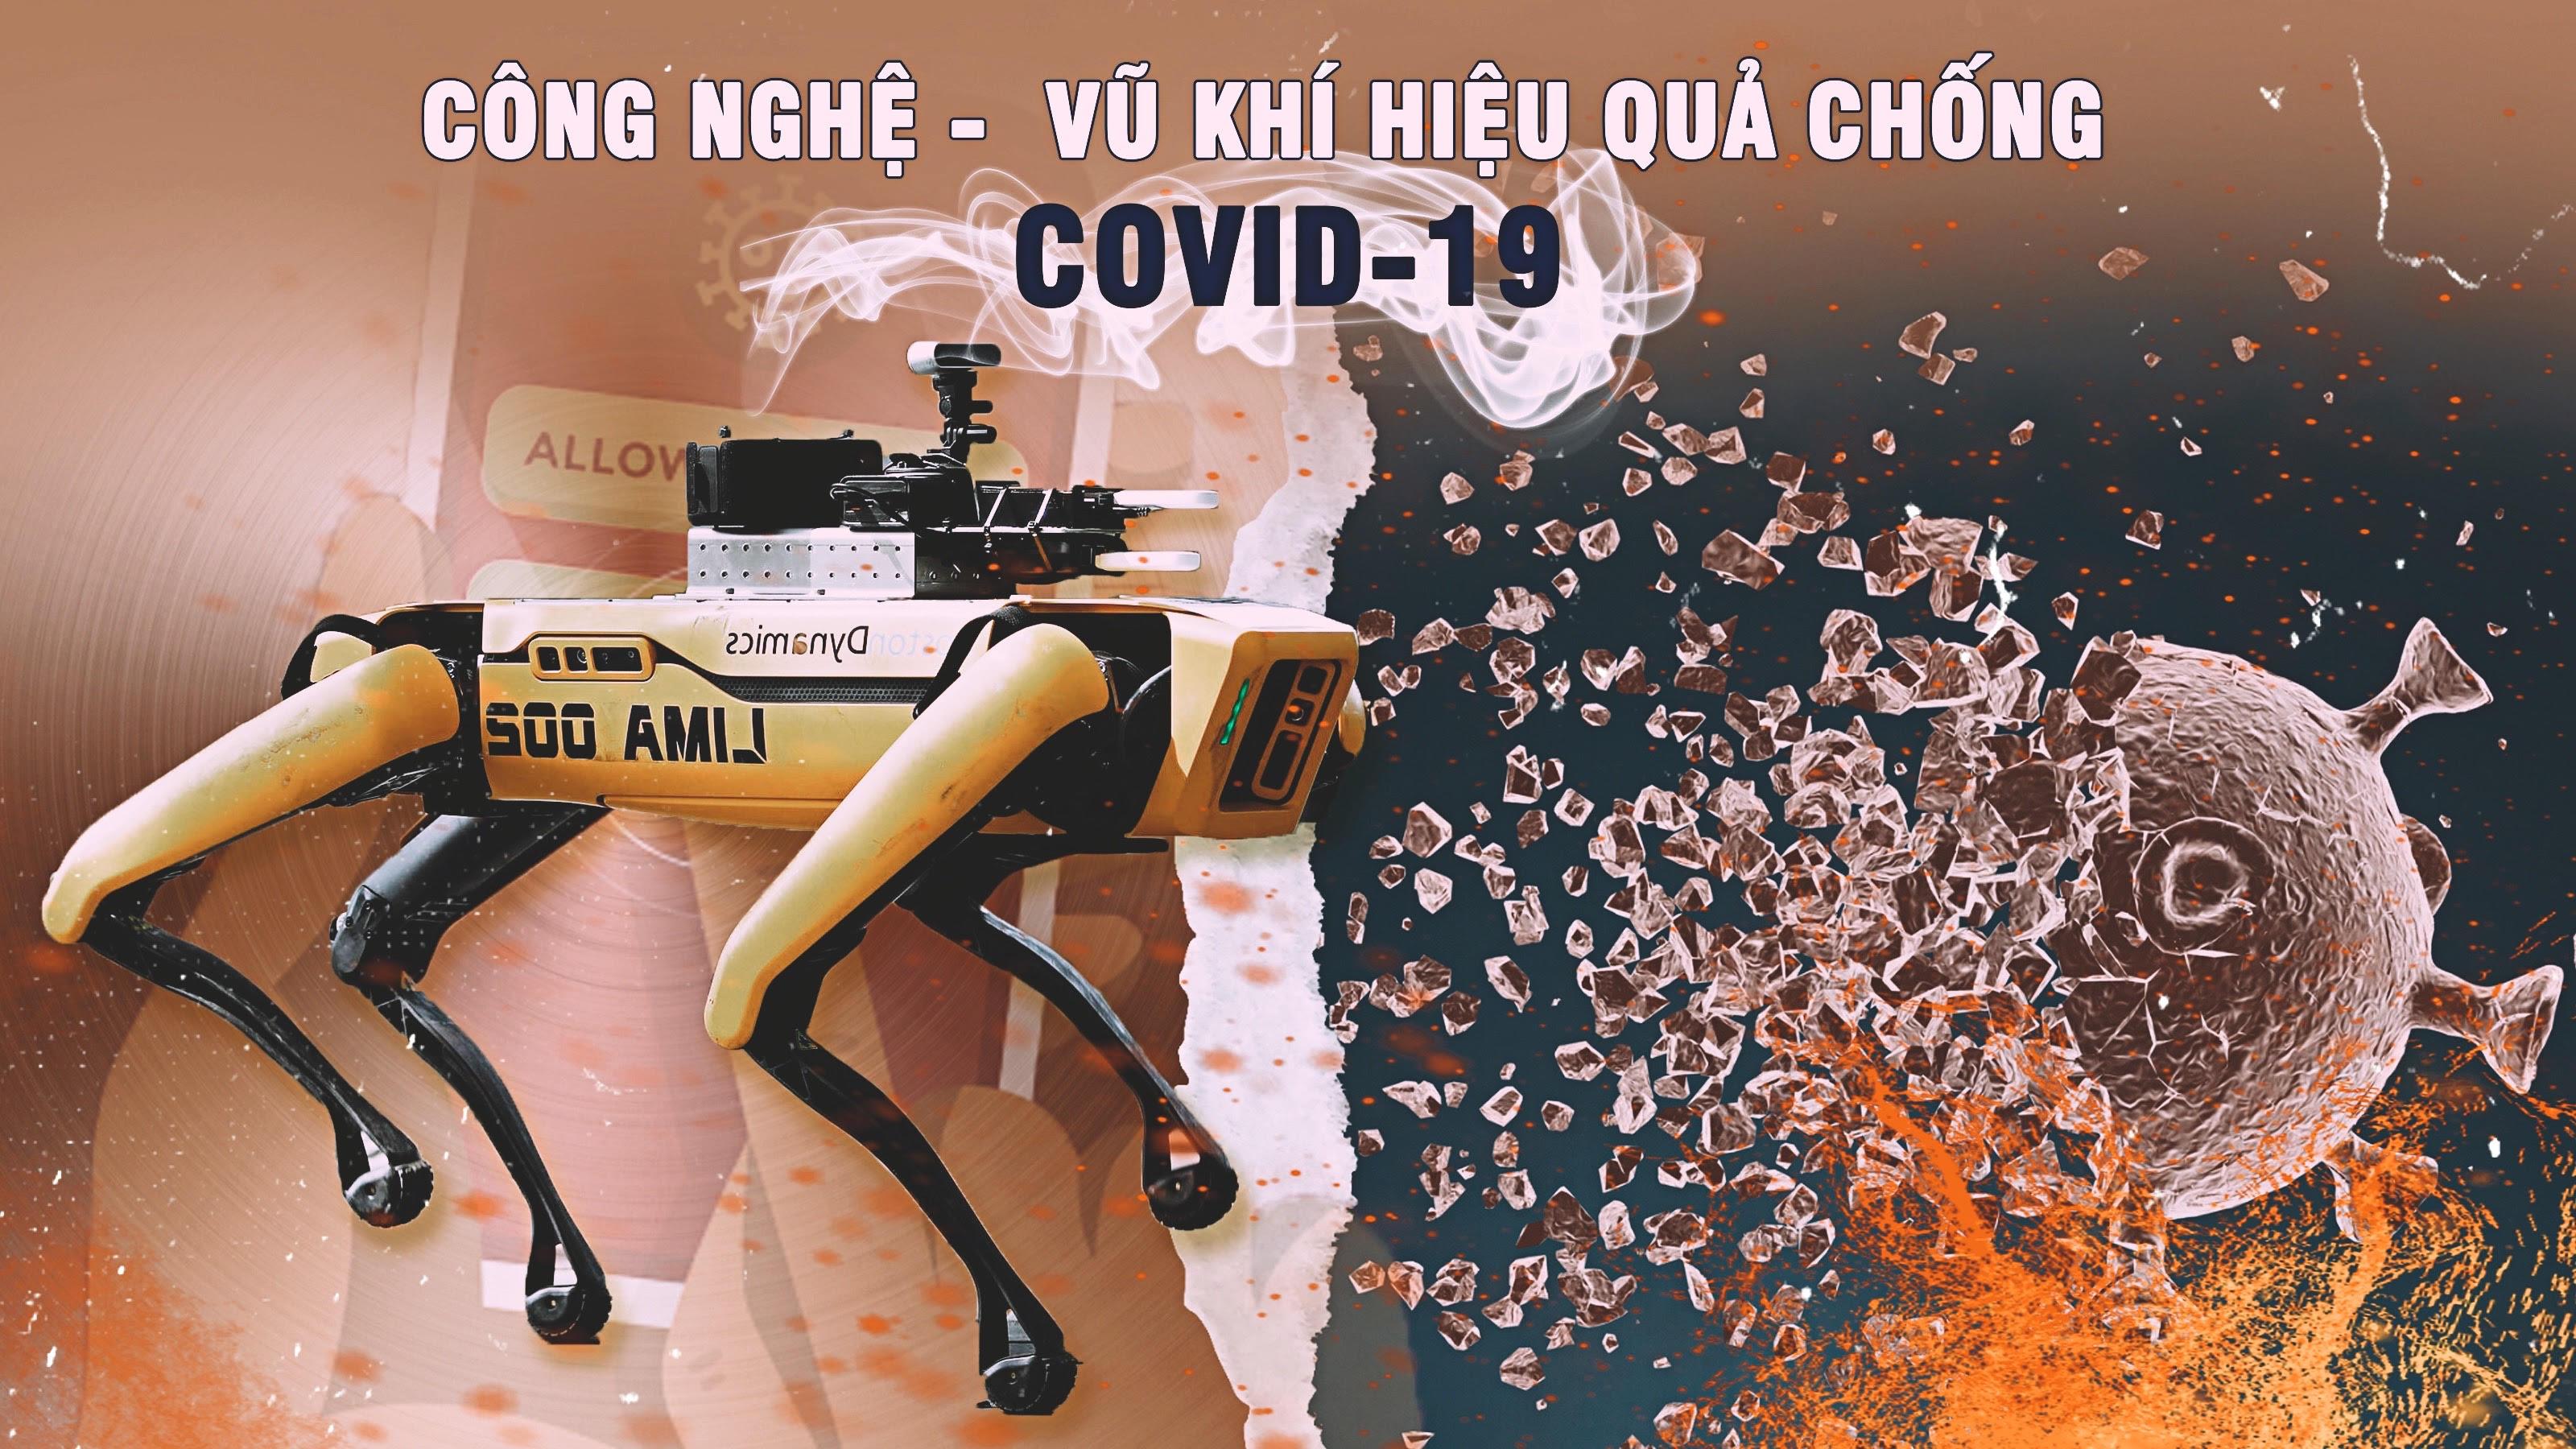 Công nghệ - Vũ khí hiệu quả chống COVID-19